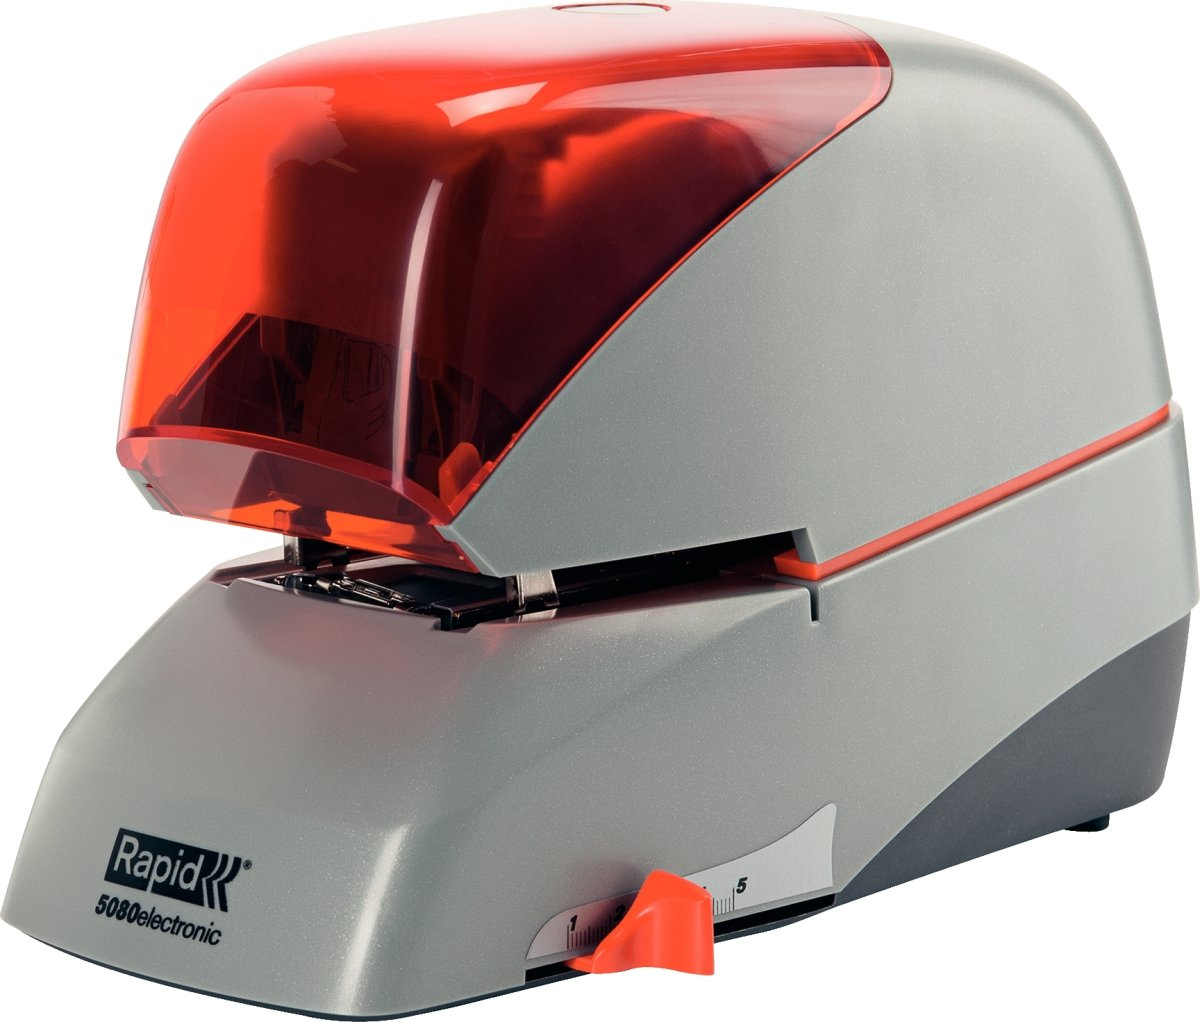 Rapid Supreme R5080e Elektrisk hæftemaskine, grå